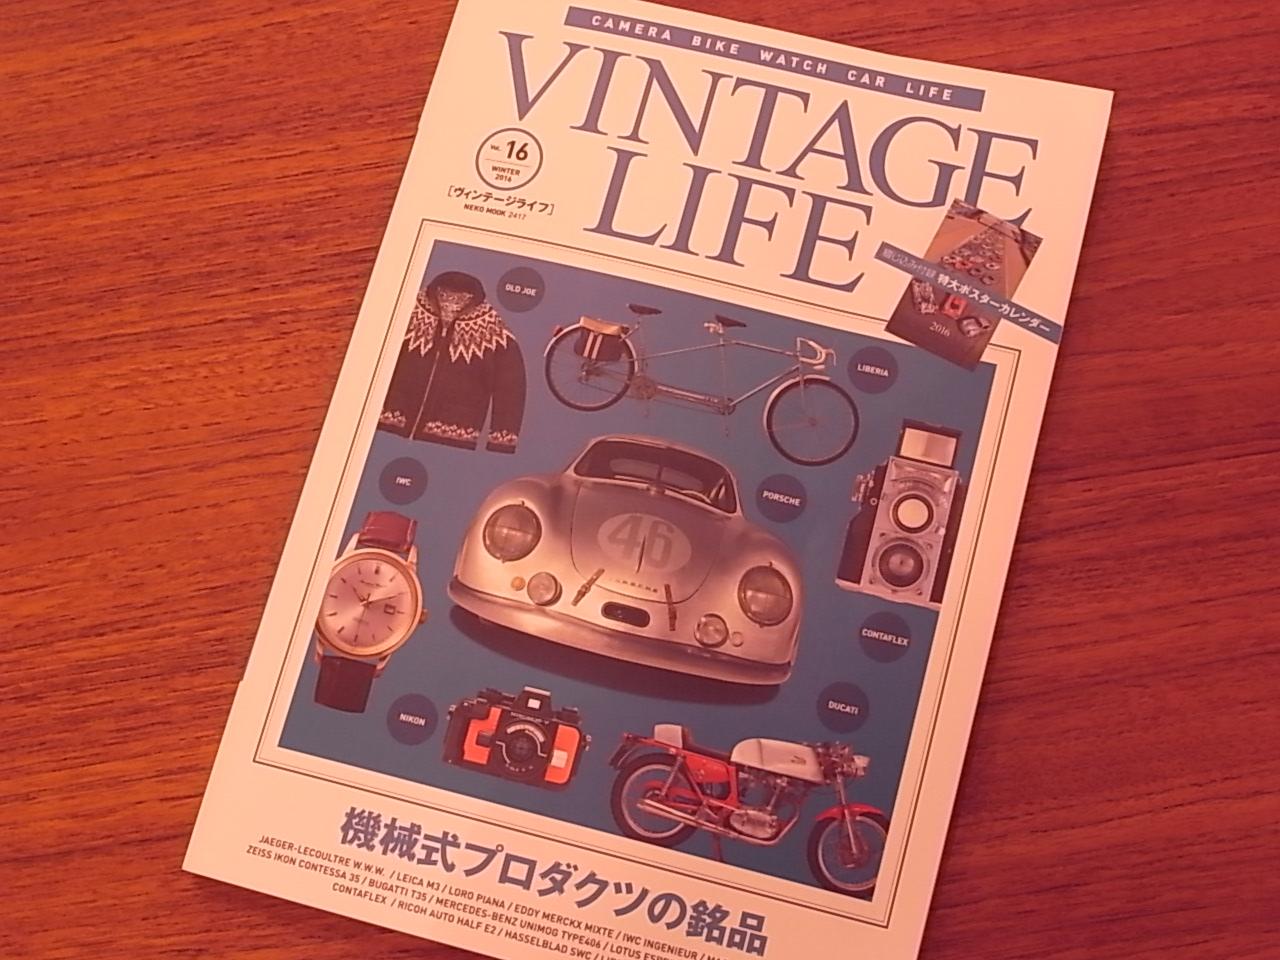 ヴィンテージライフ Vol.16発売!当店も紹介されています。